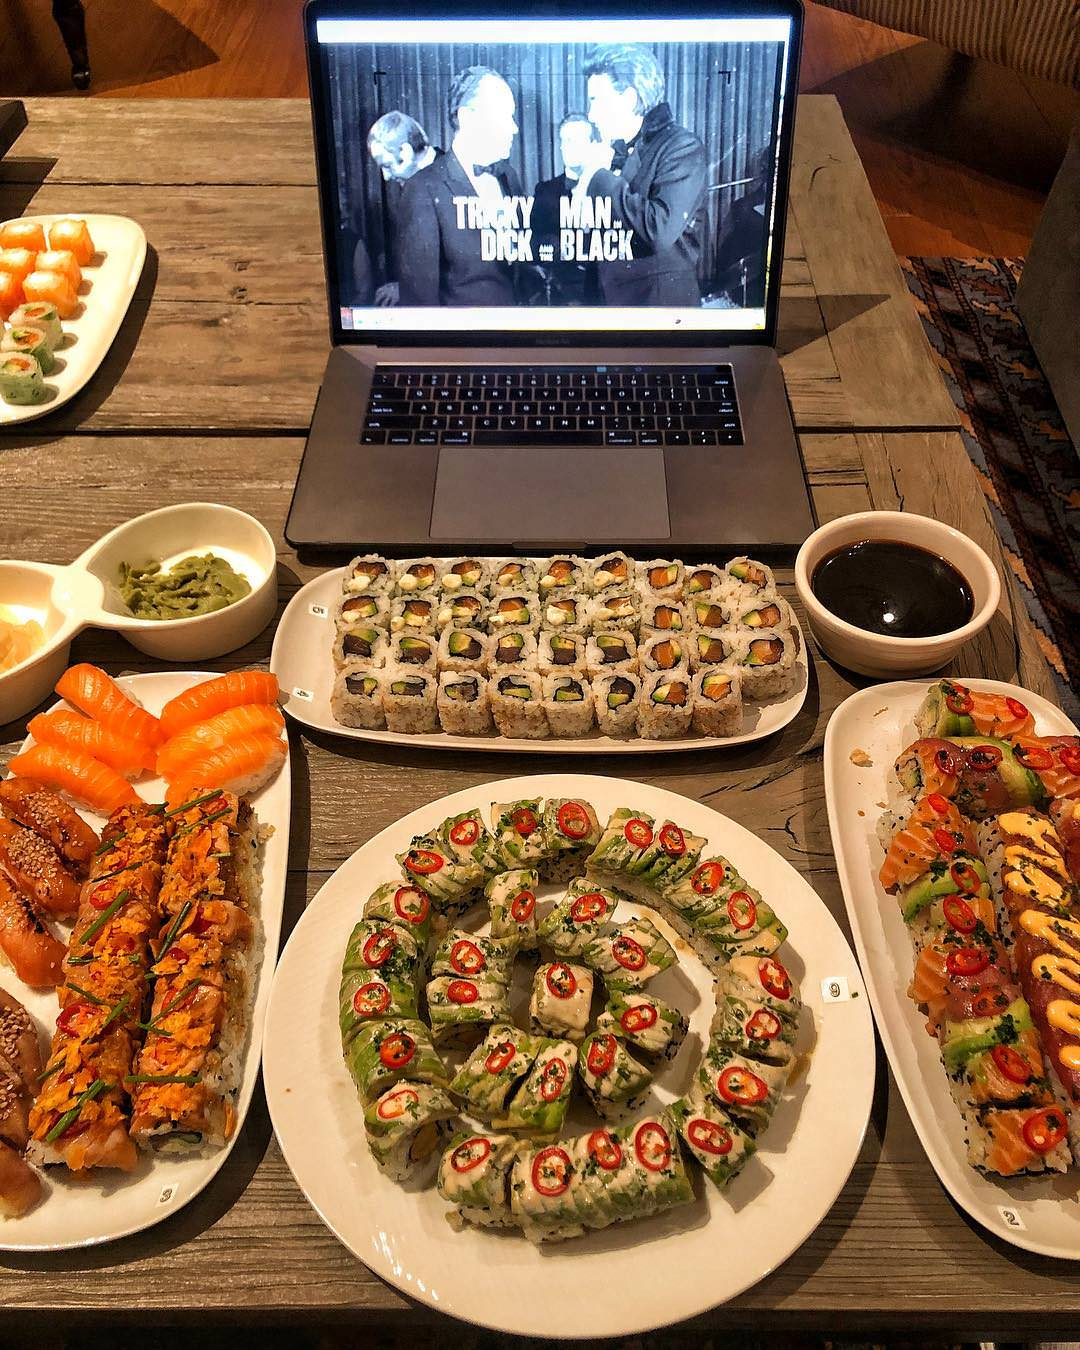 【画像】米国人「俺は日本のSUSHIが大好きなんだ。わさびを大量投入して100貫ぐらいぺろりと食べちゃうね」